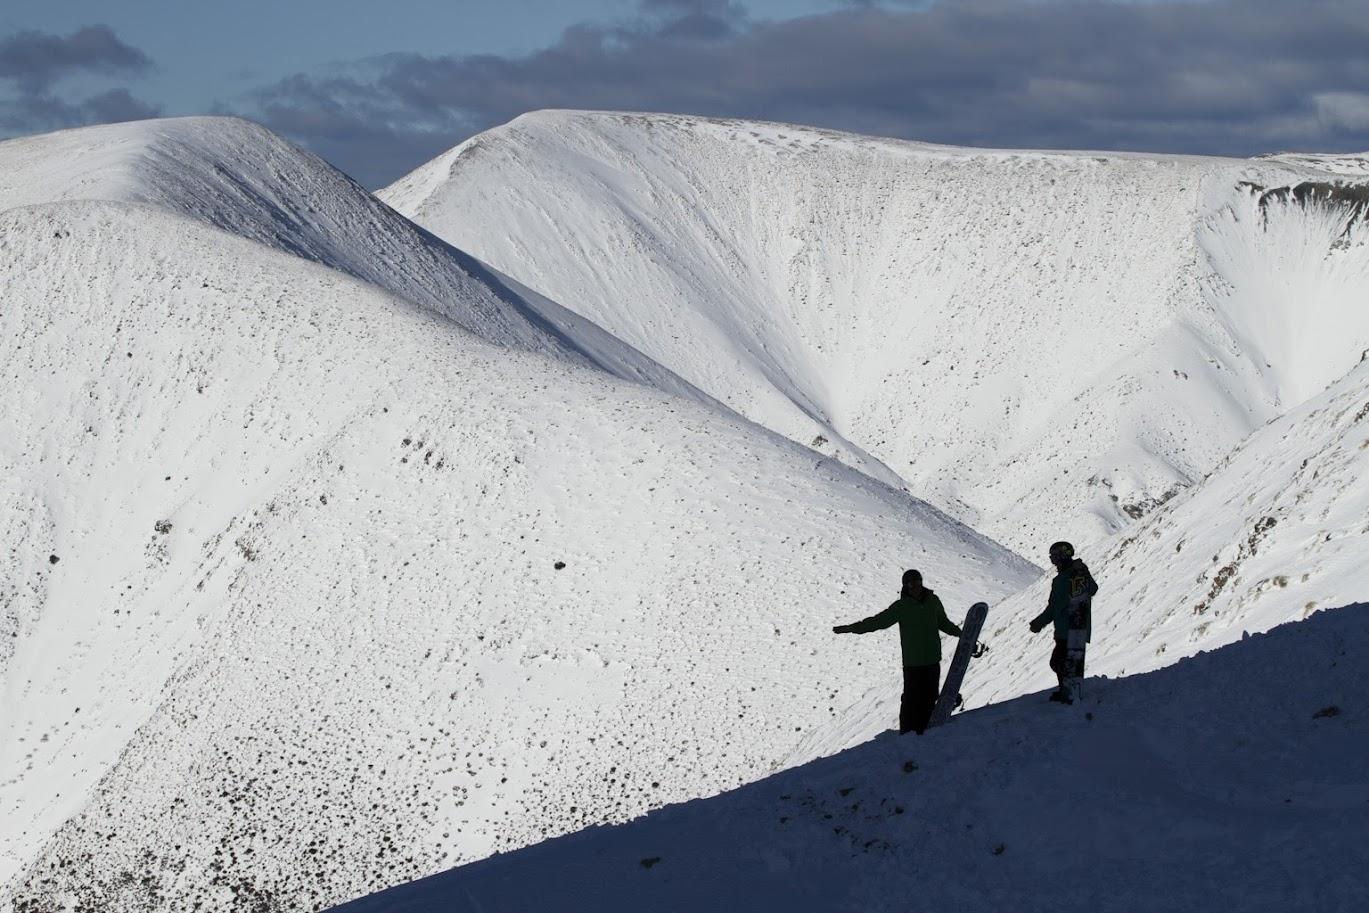 snowboarders on a mountain ridgeline